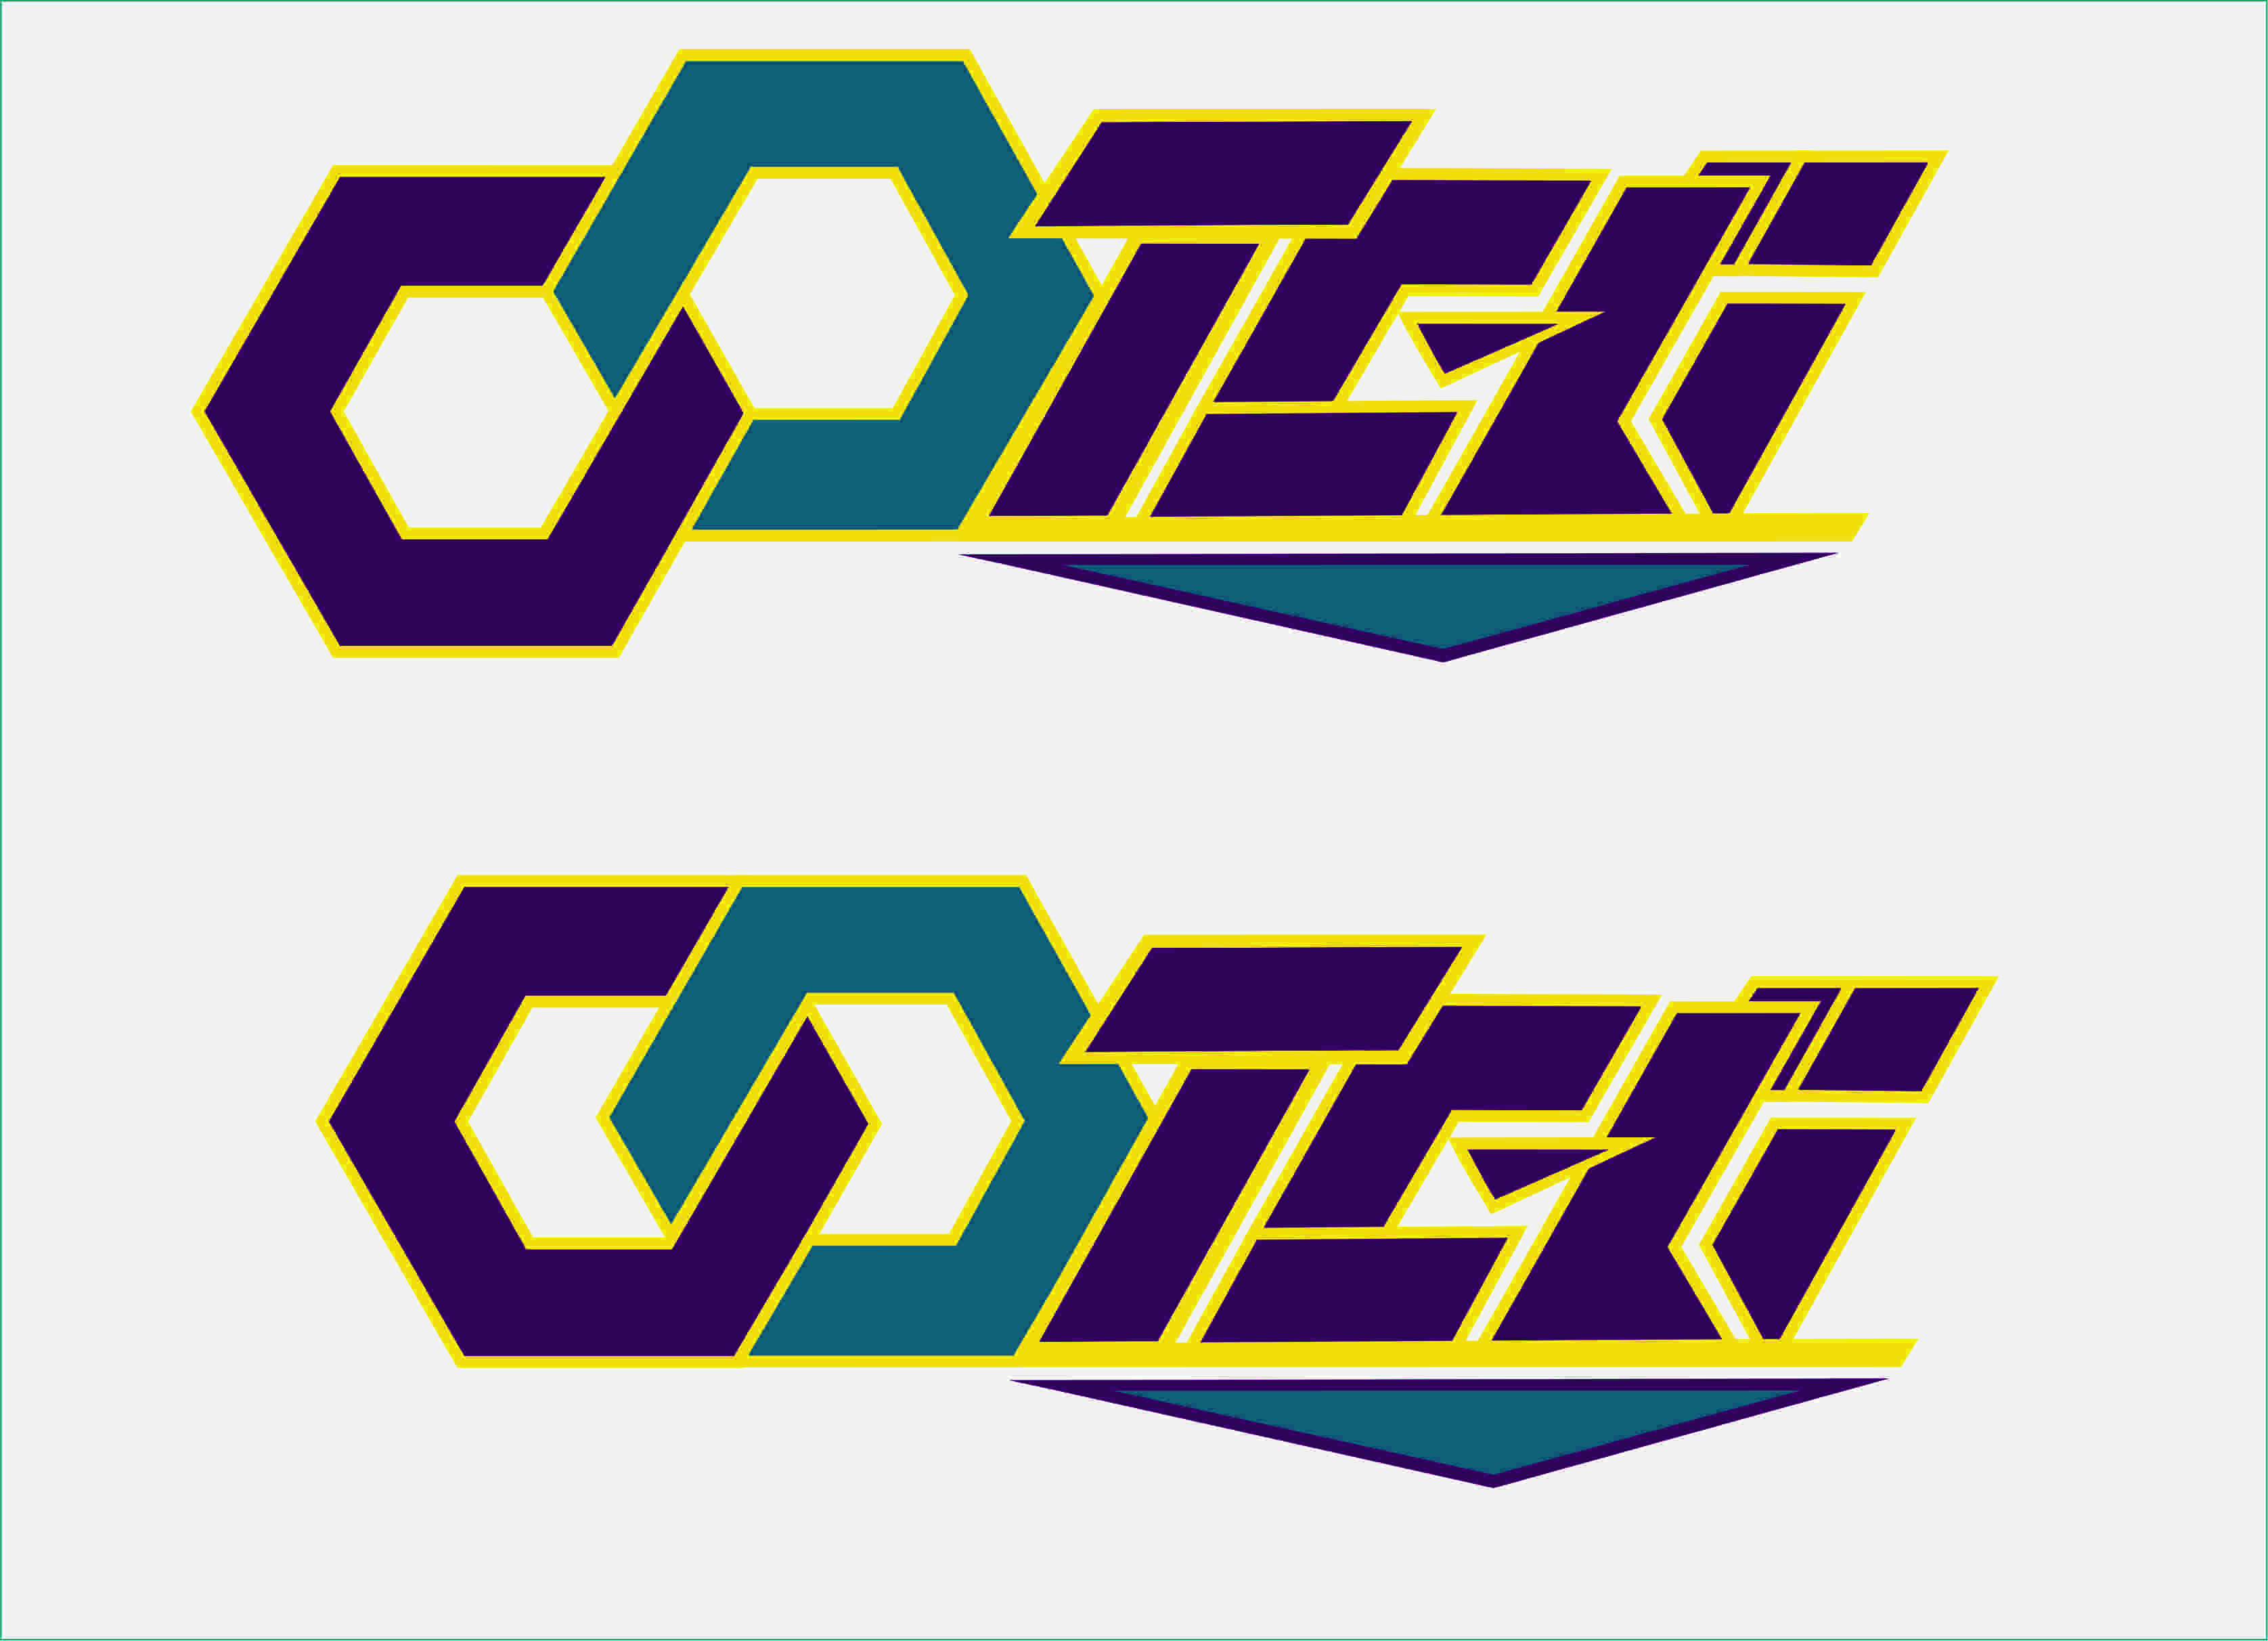 Разработка логотипа и фирменного стиля фото f_62458fcf0d0c2151.jpg